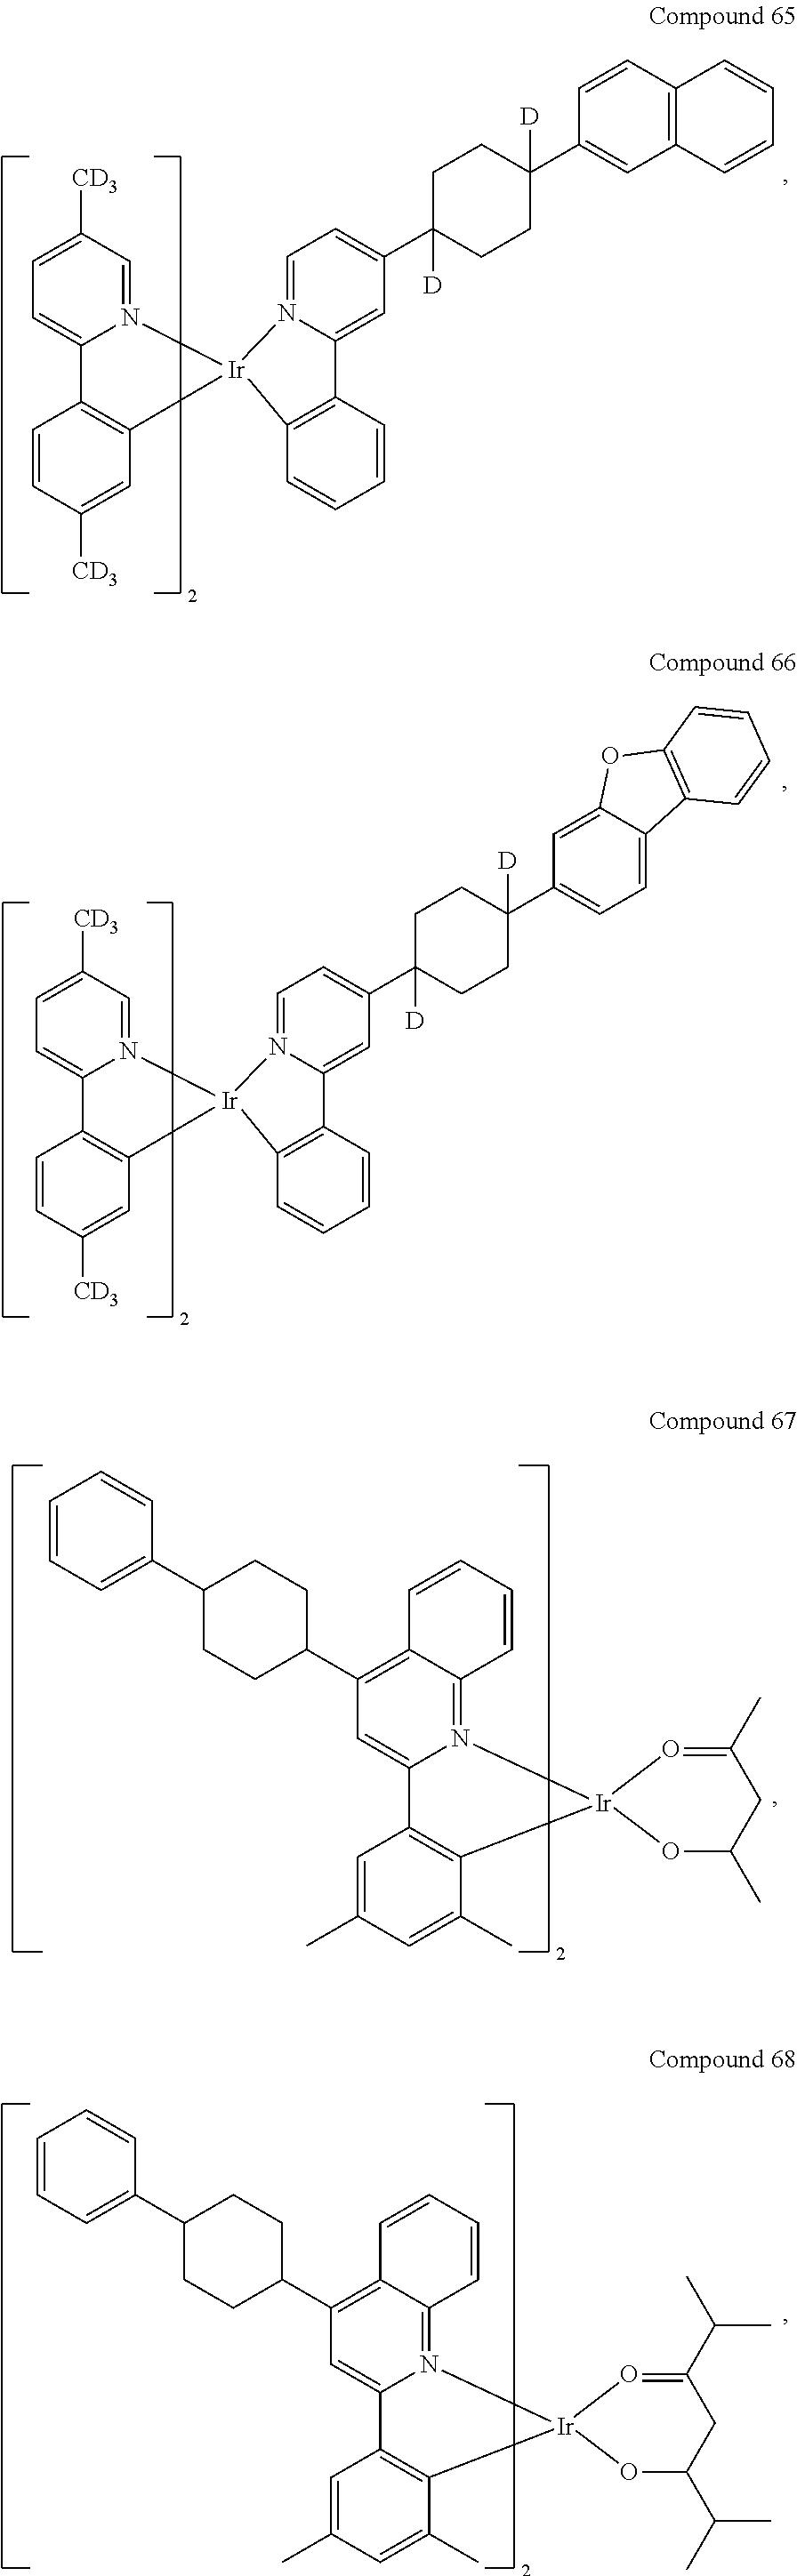 Figure US20180076393A1-20180315-C00175